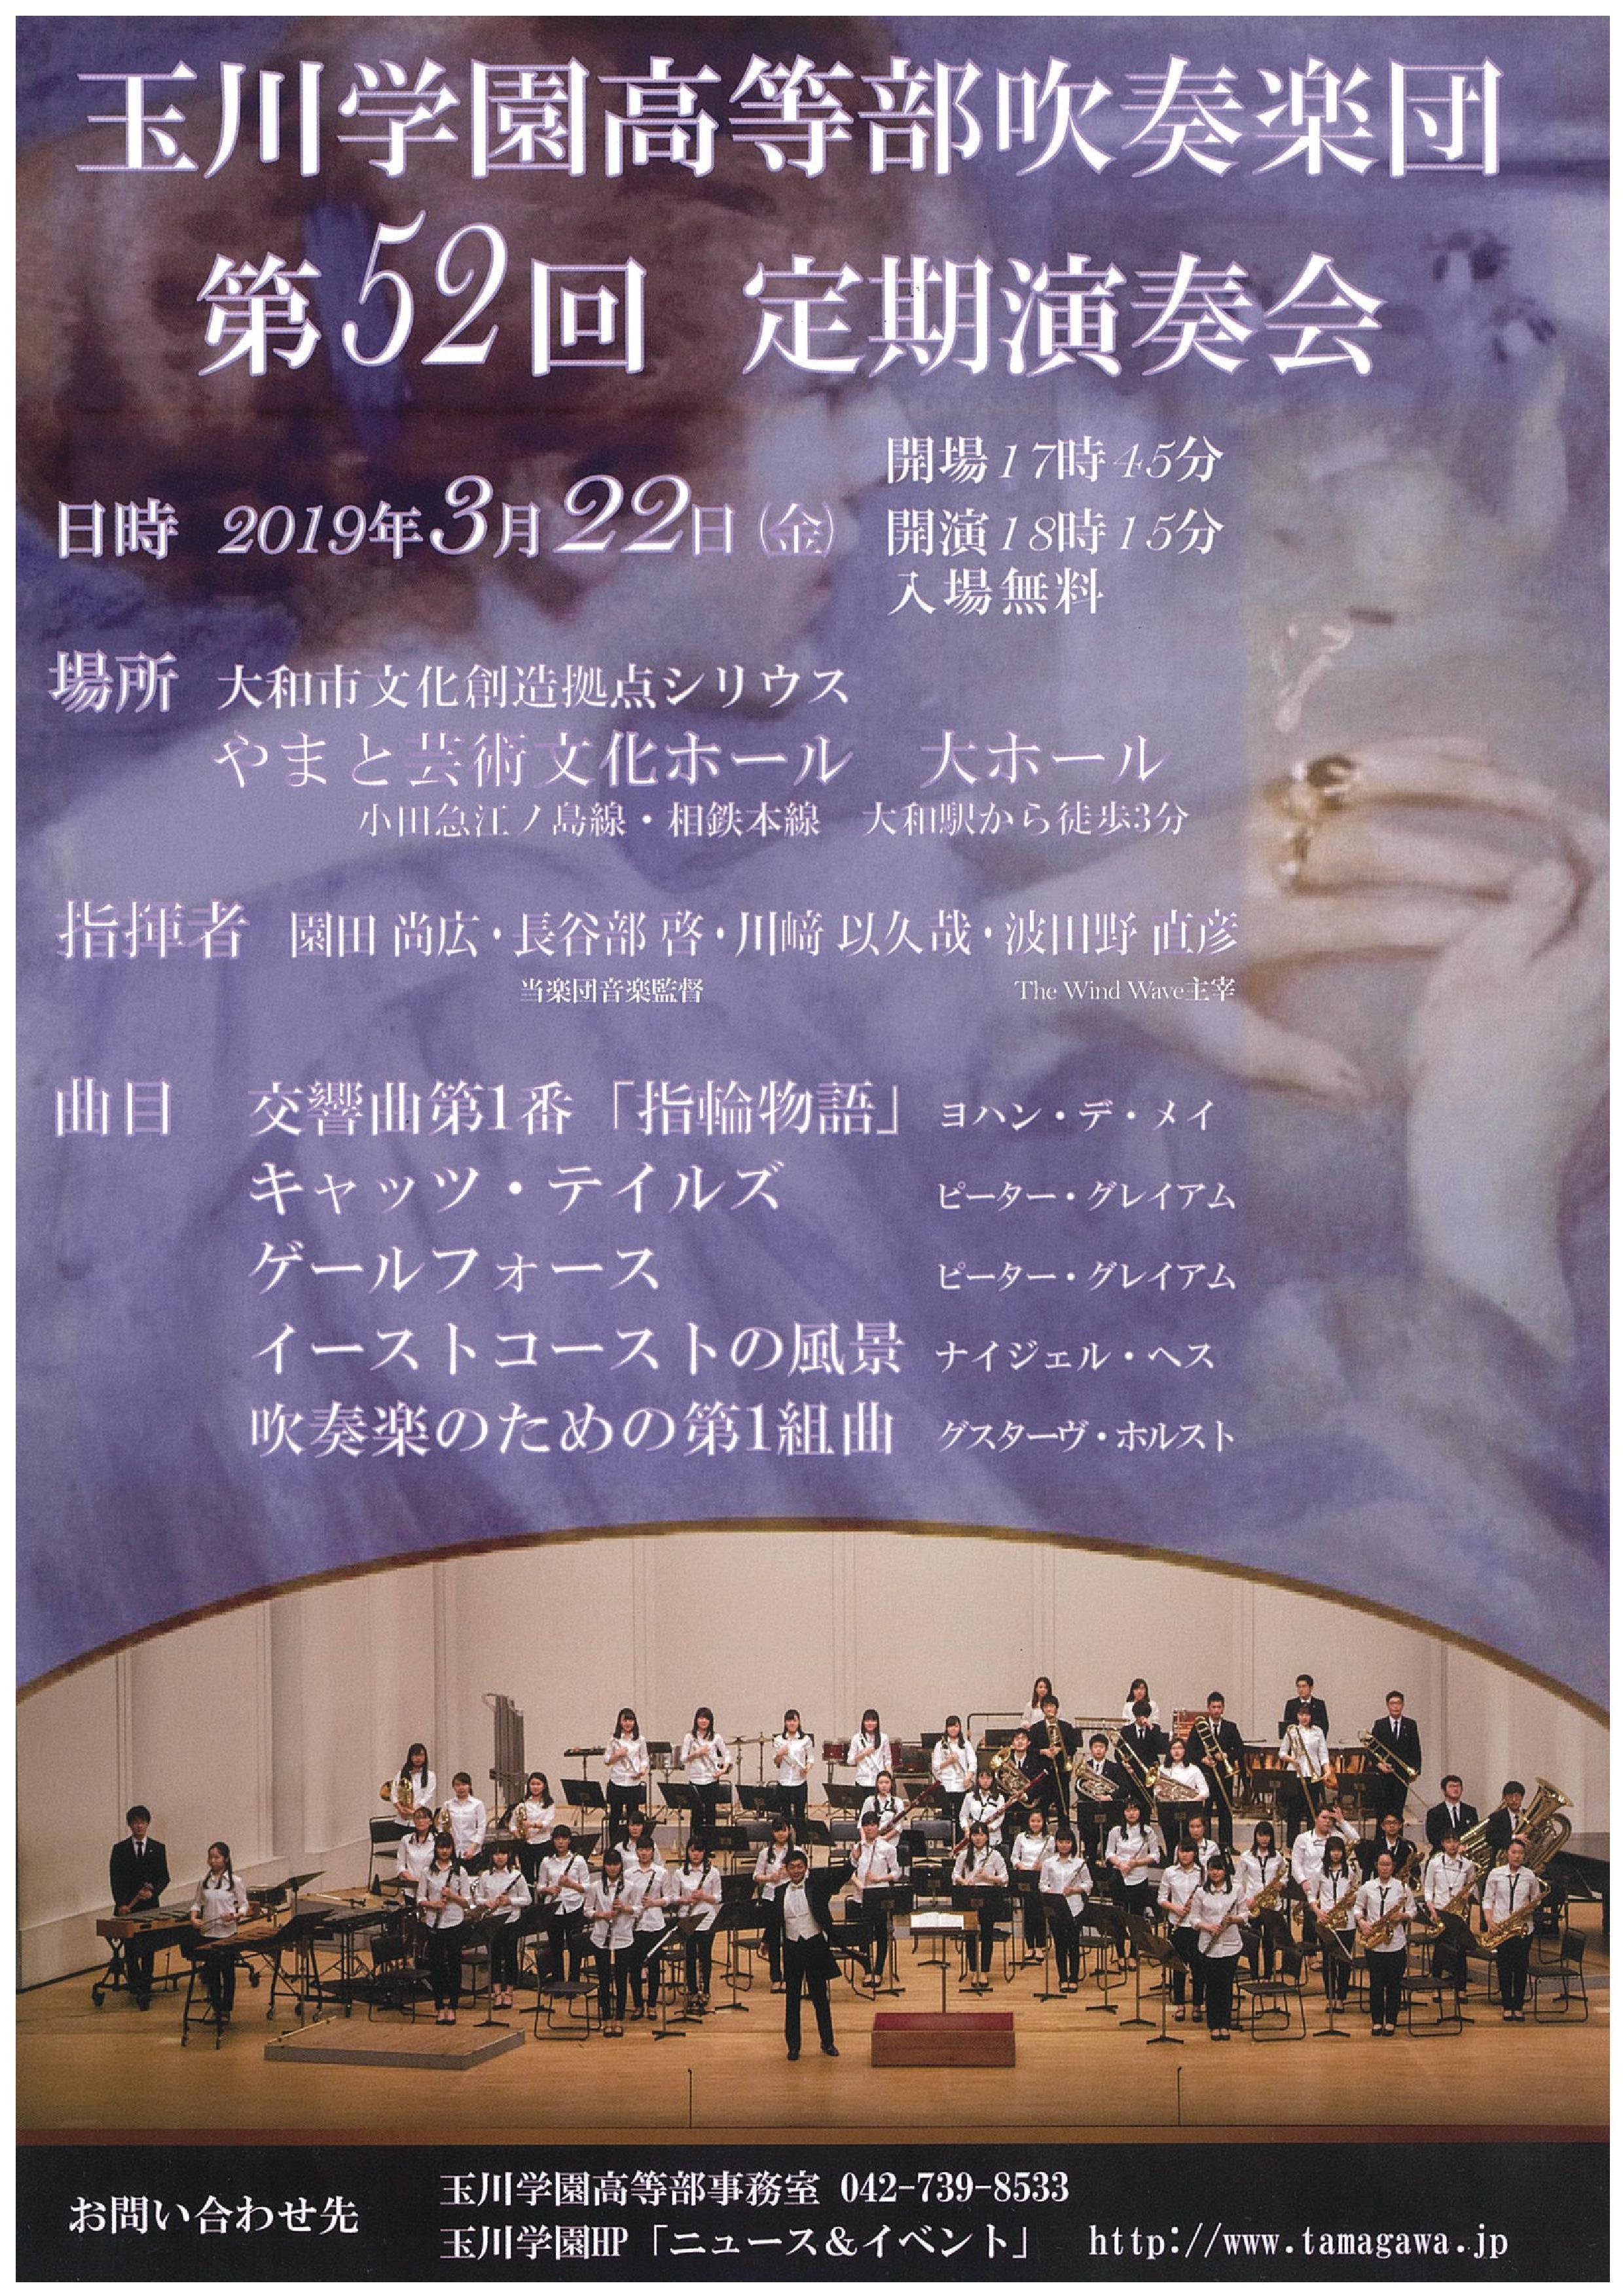 玉川学園高等部 吹奏楽団 第52回定期演奏会